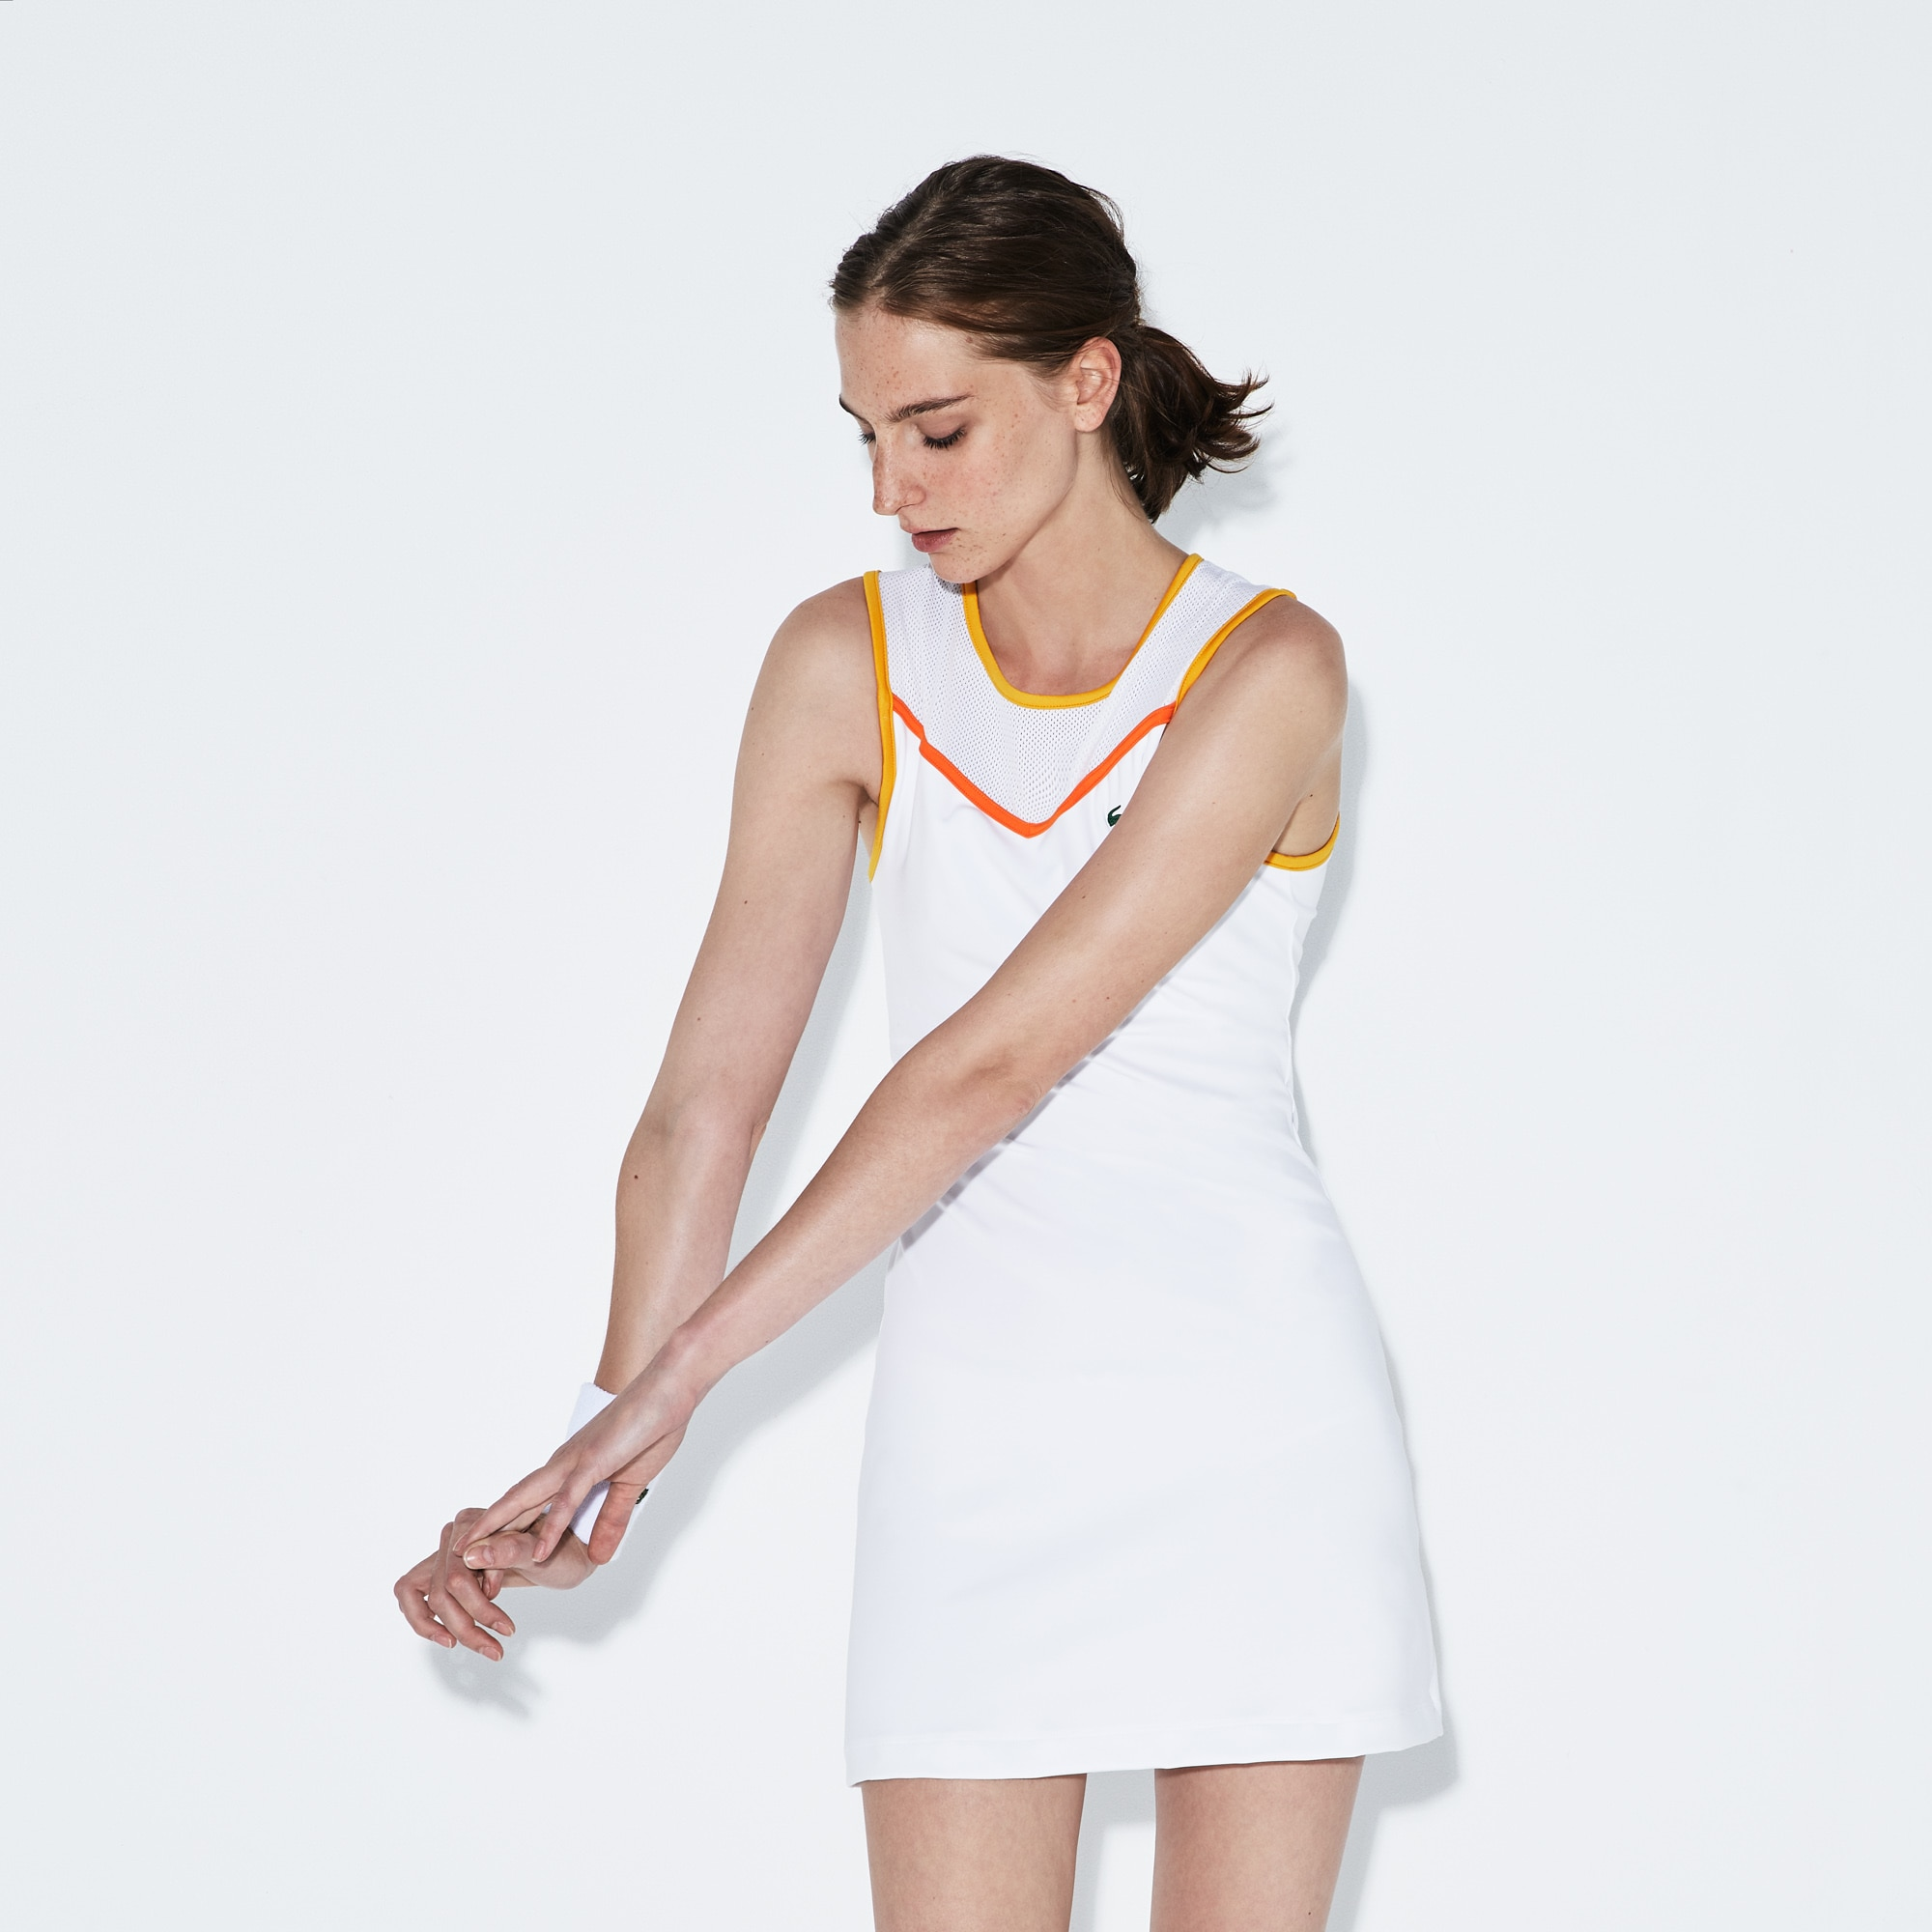 Vestido Con Espalda De Malla Tenis Lacoste Sport